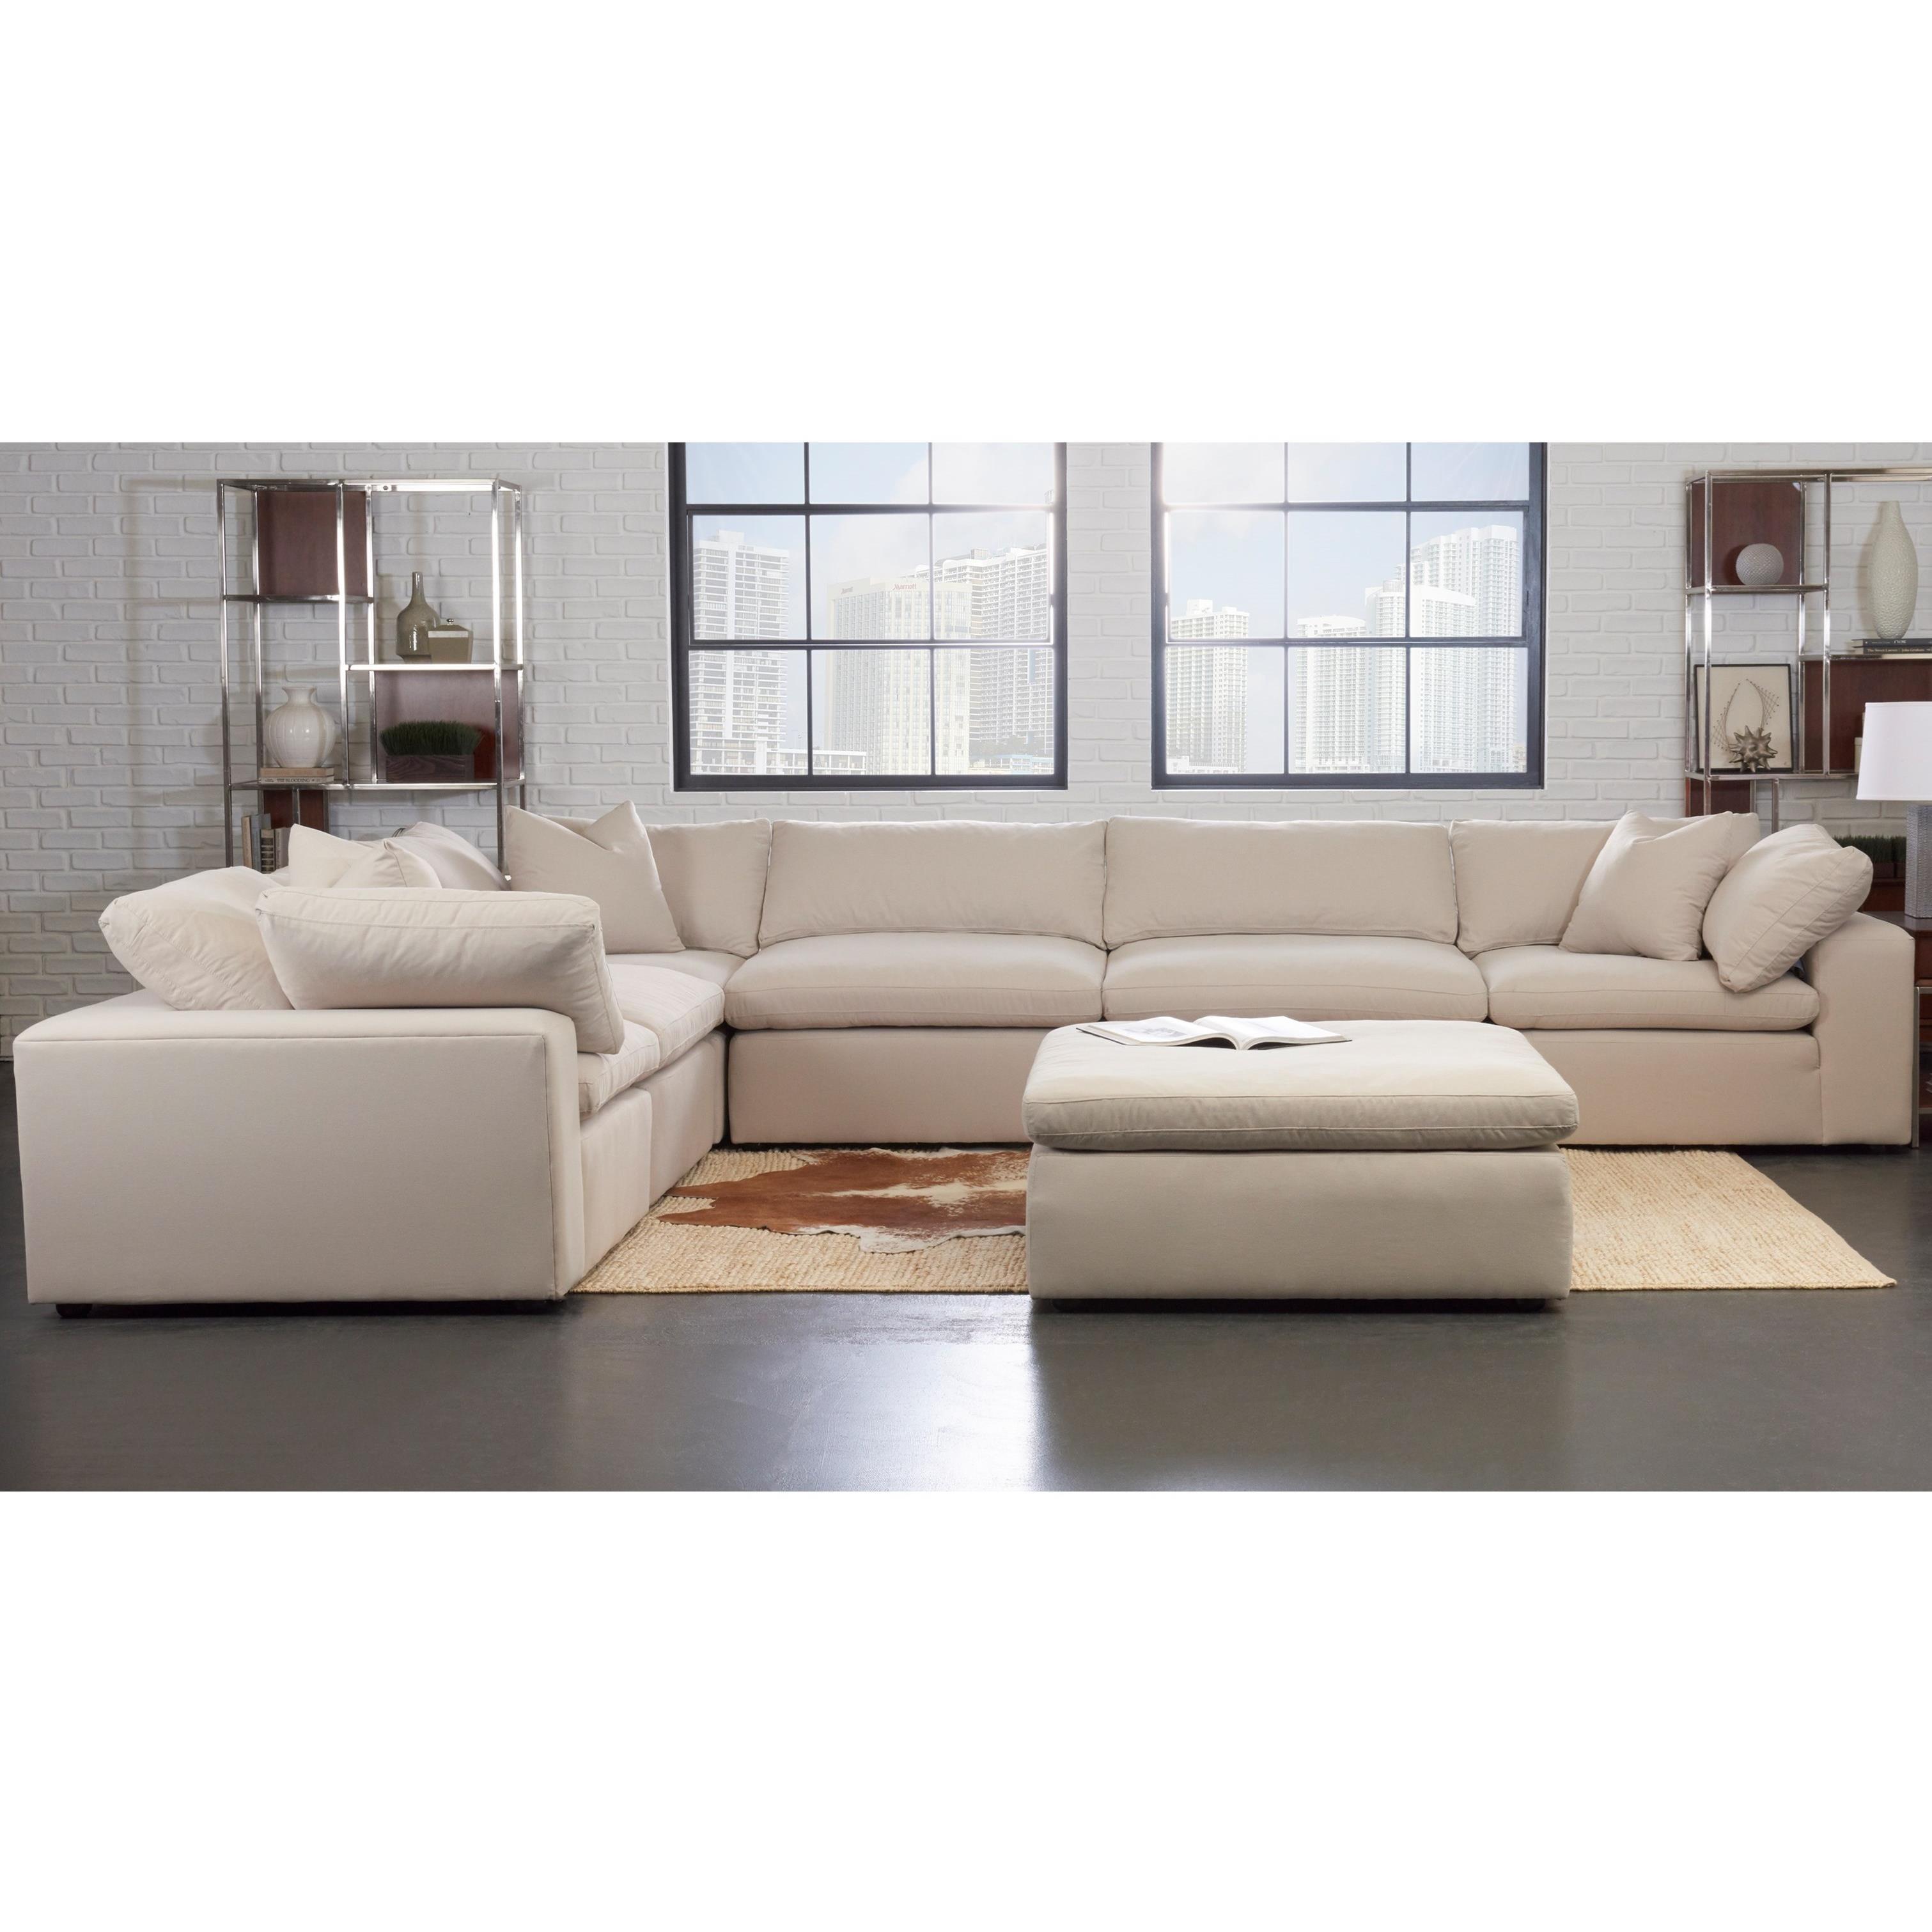 pc modular sectional sofa